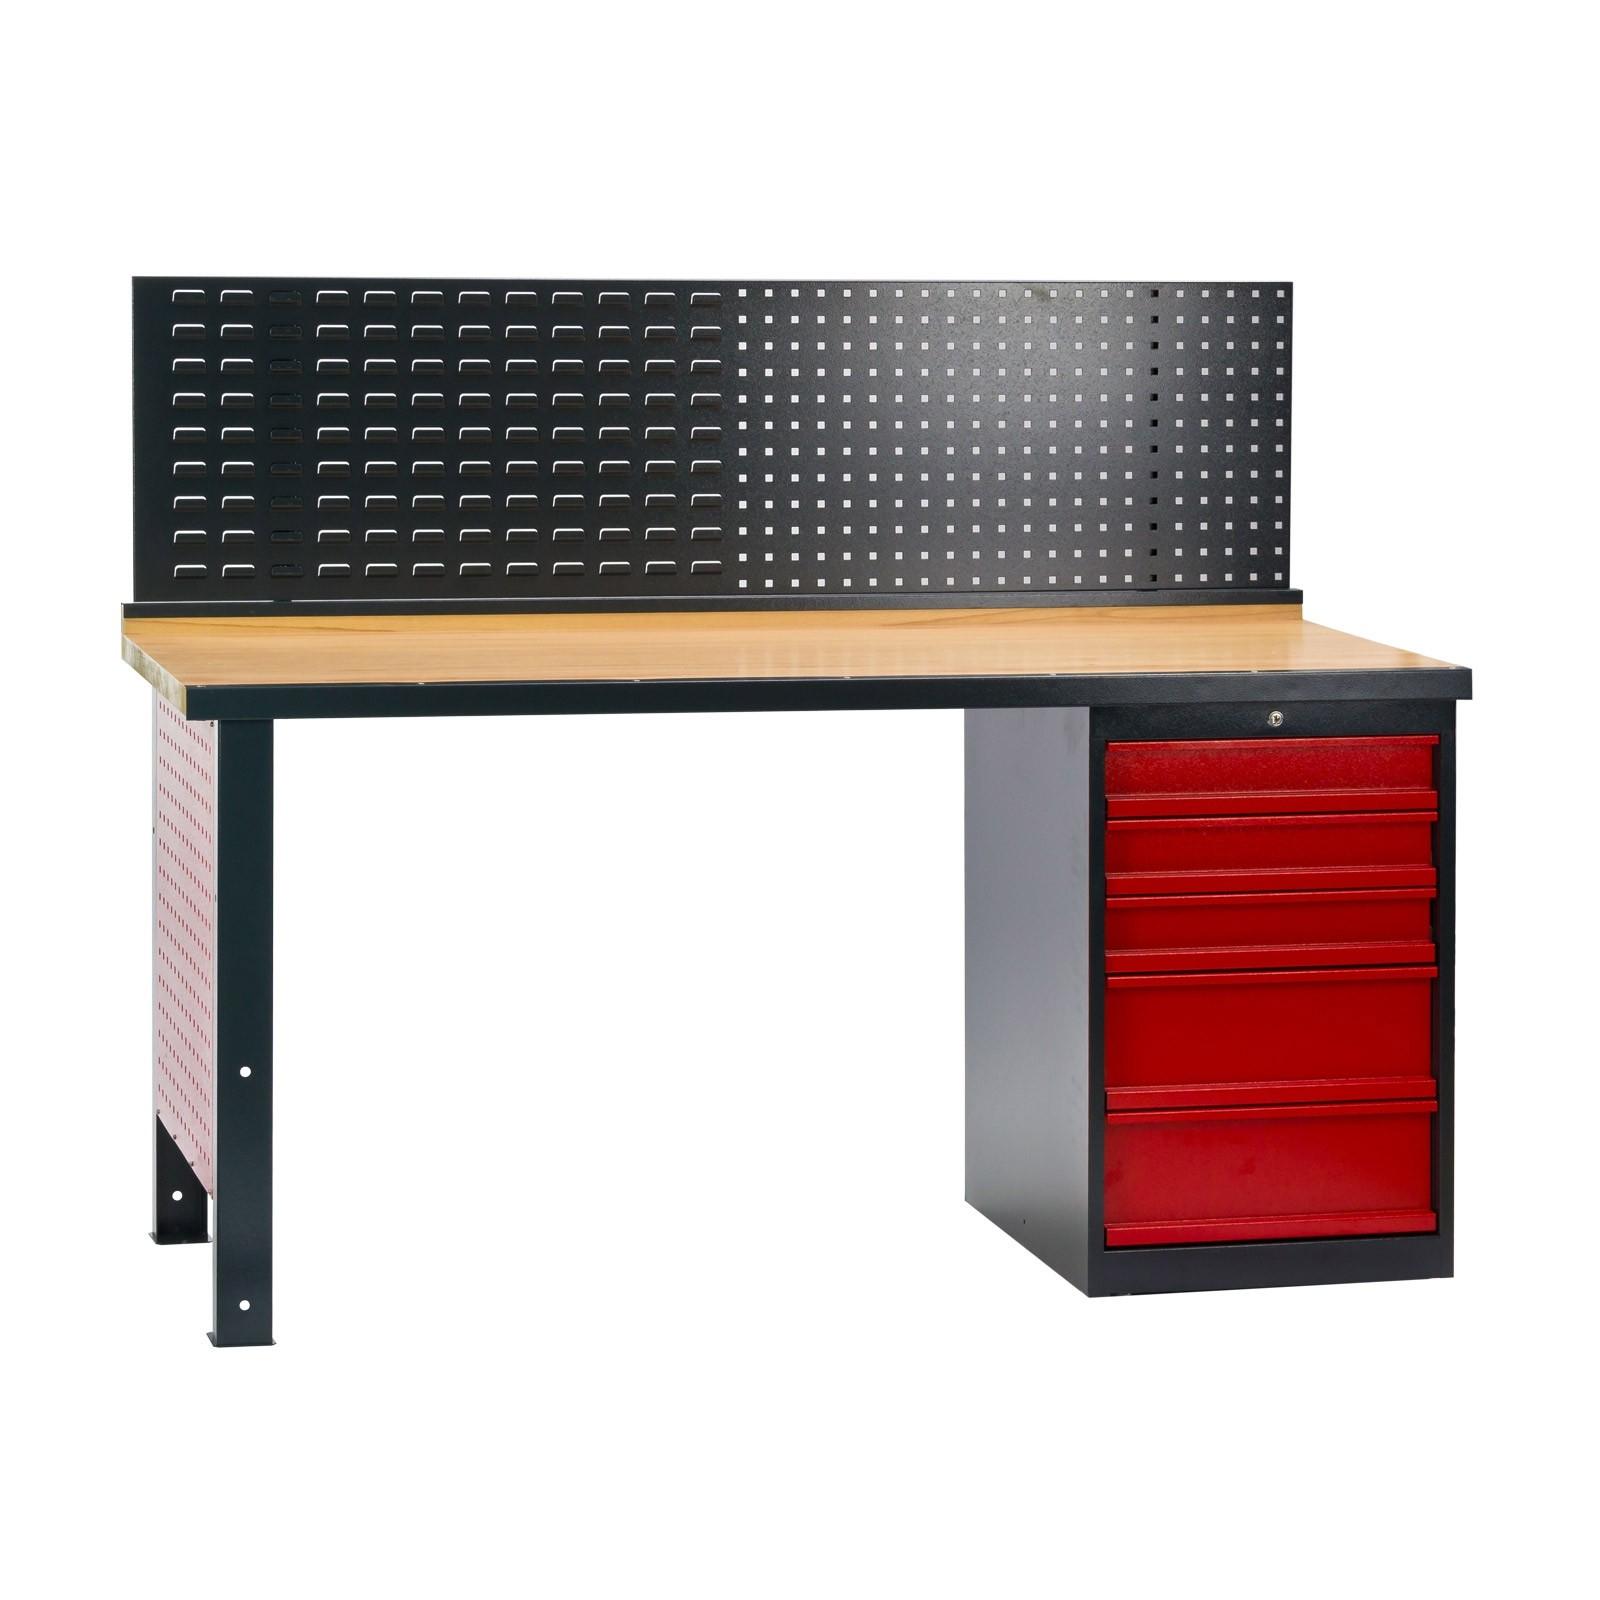 Werkbank / Werktisch mit 5 Schubladen + Rückwand 170x72x135